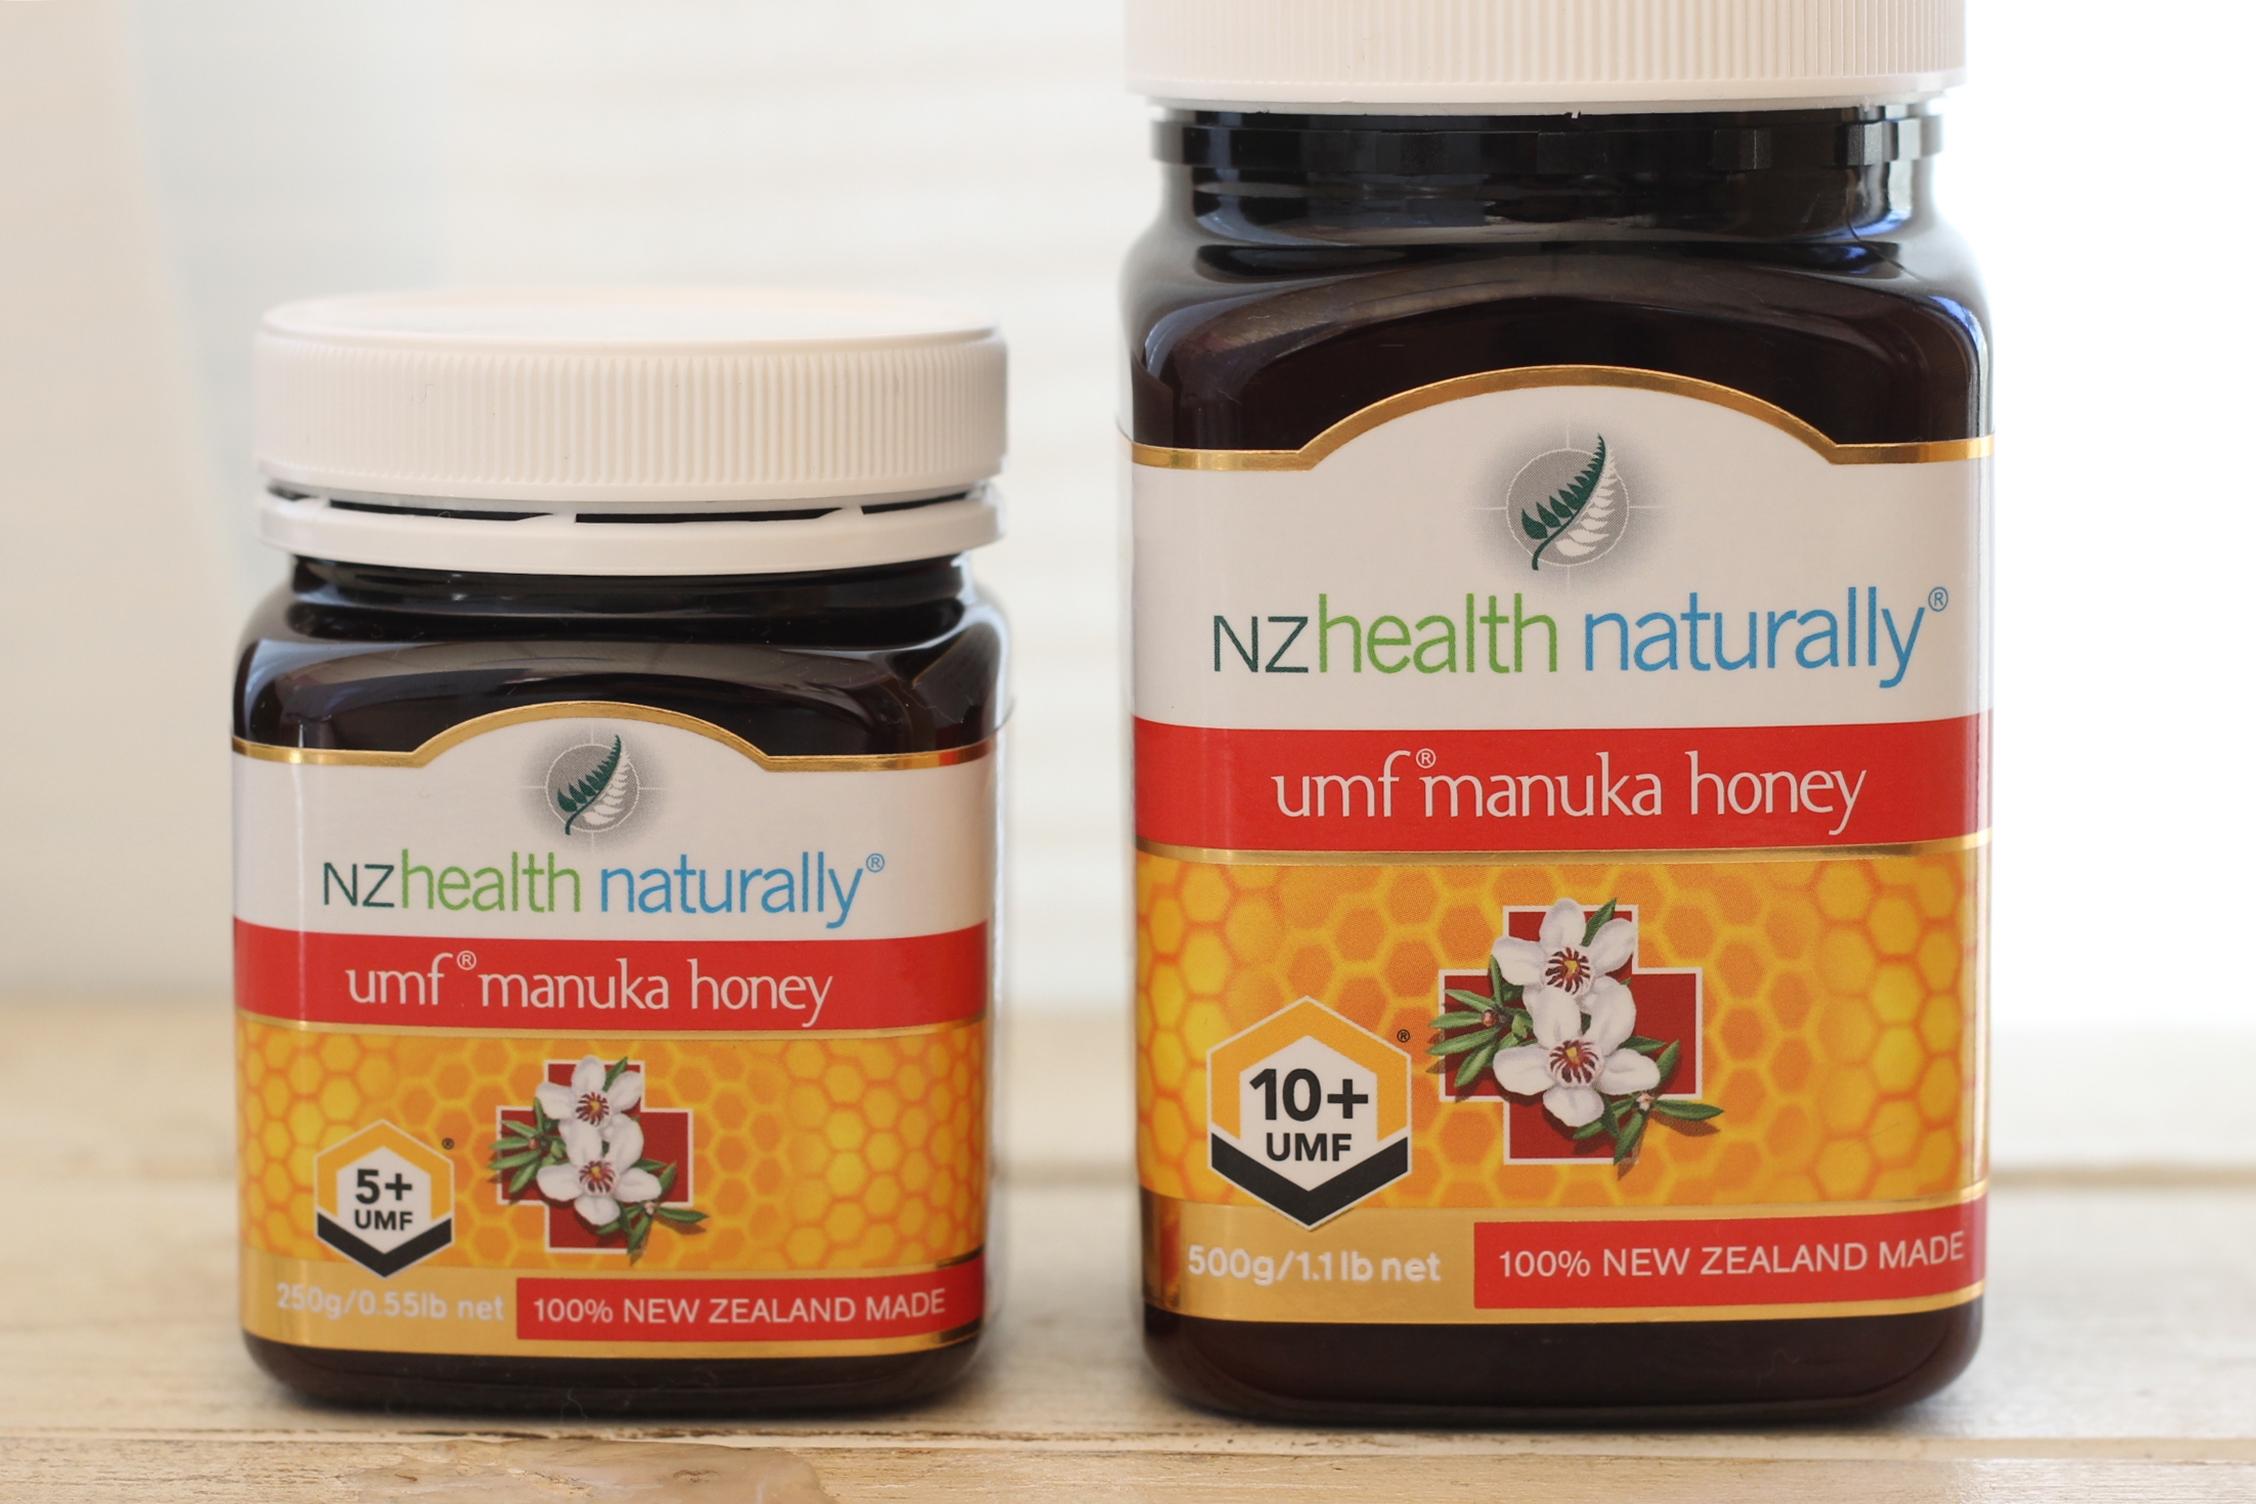 風邪やインフルエンザの予防習慣に! ニュージーランドのハーブ・マヌカハニーのすすめ